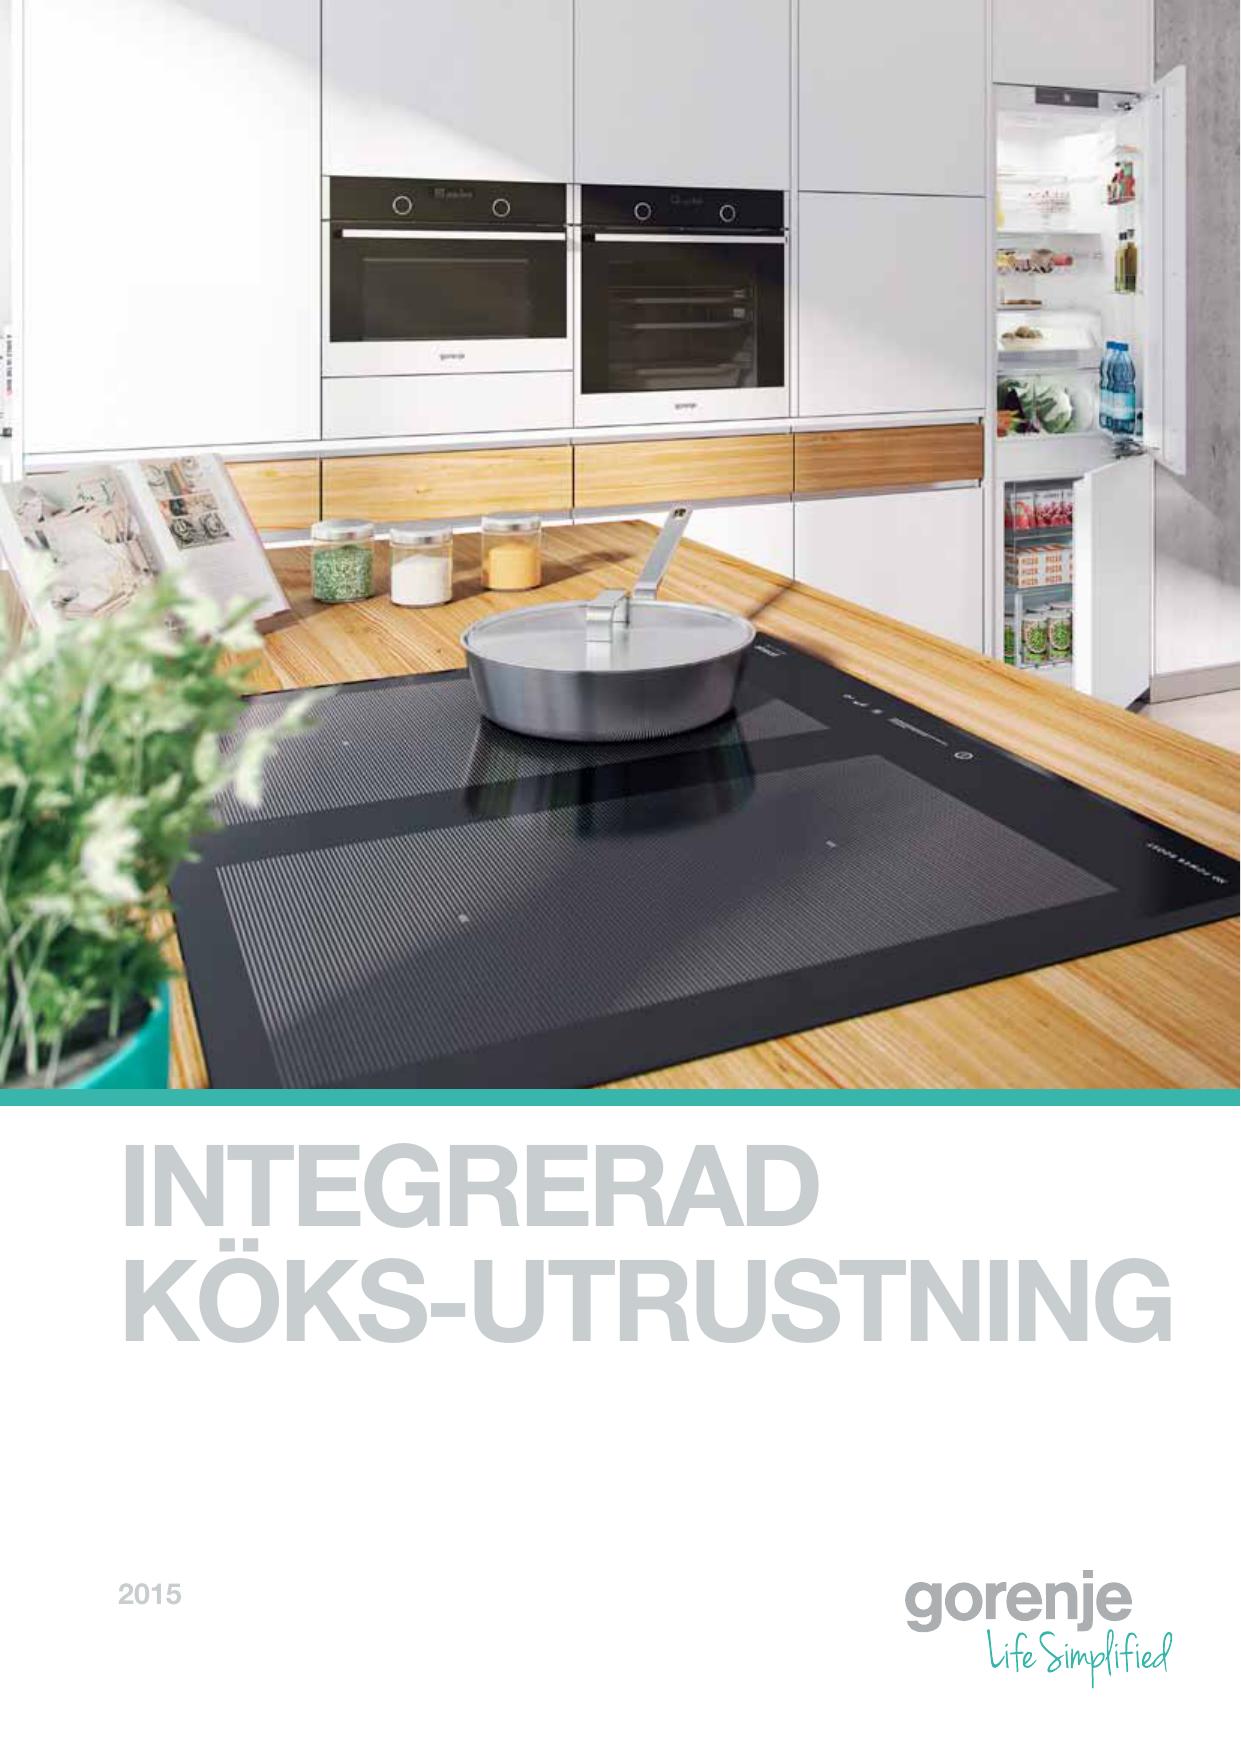 integrerad köks-utrustning 588e72402e095